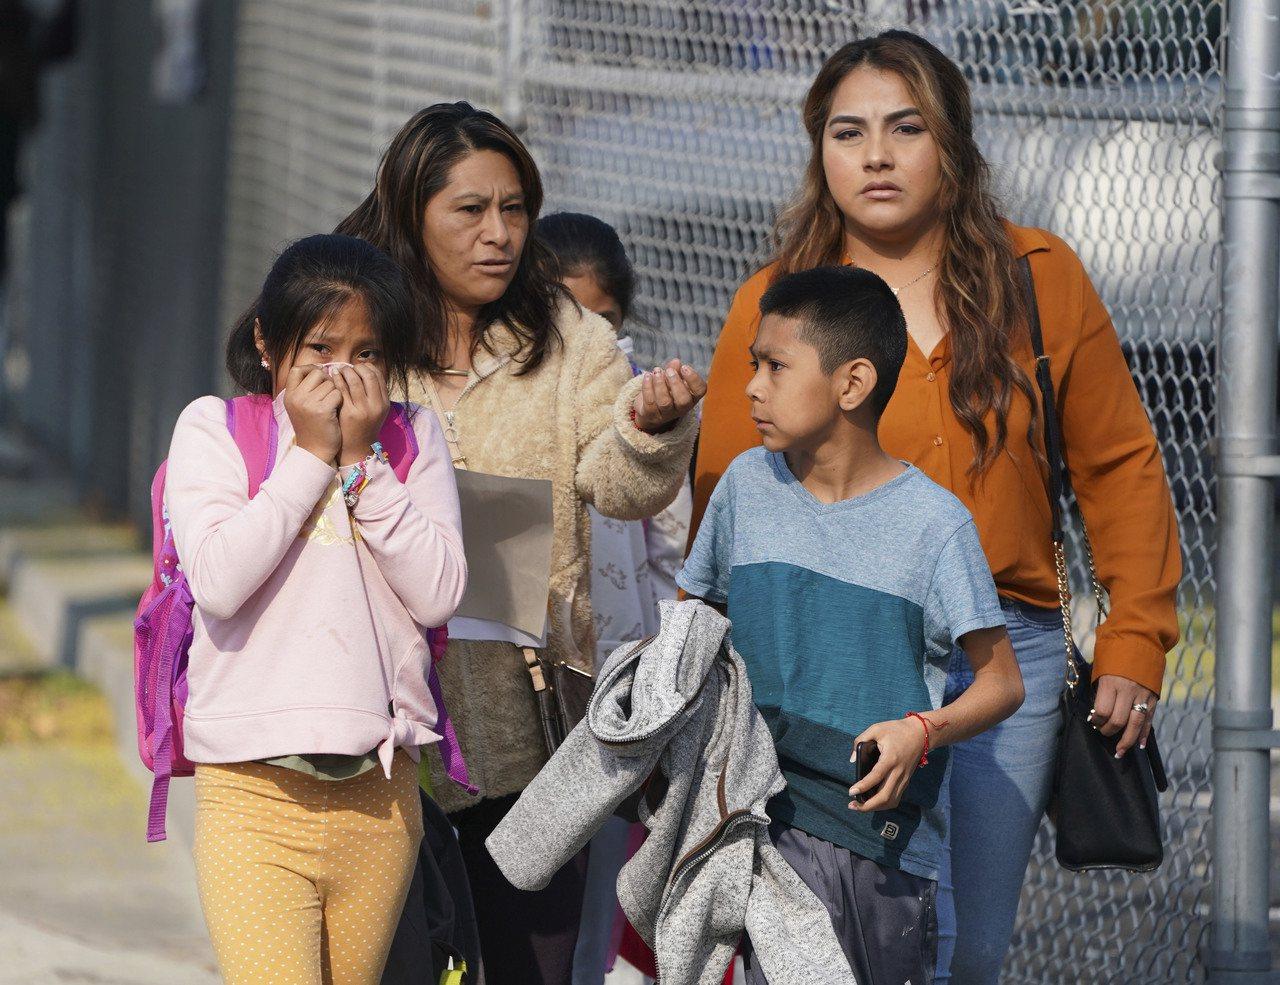 事件發生後,家長帶小孩離開學校,一名女童用衣服遮口鼻。美聯社